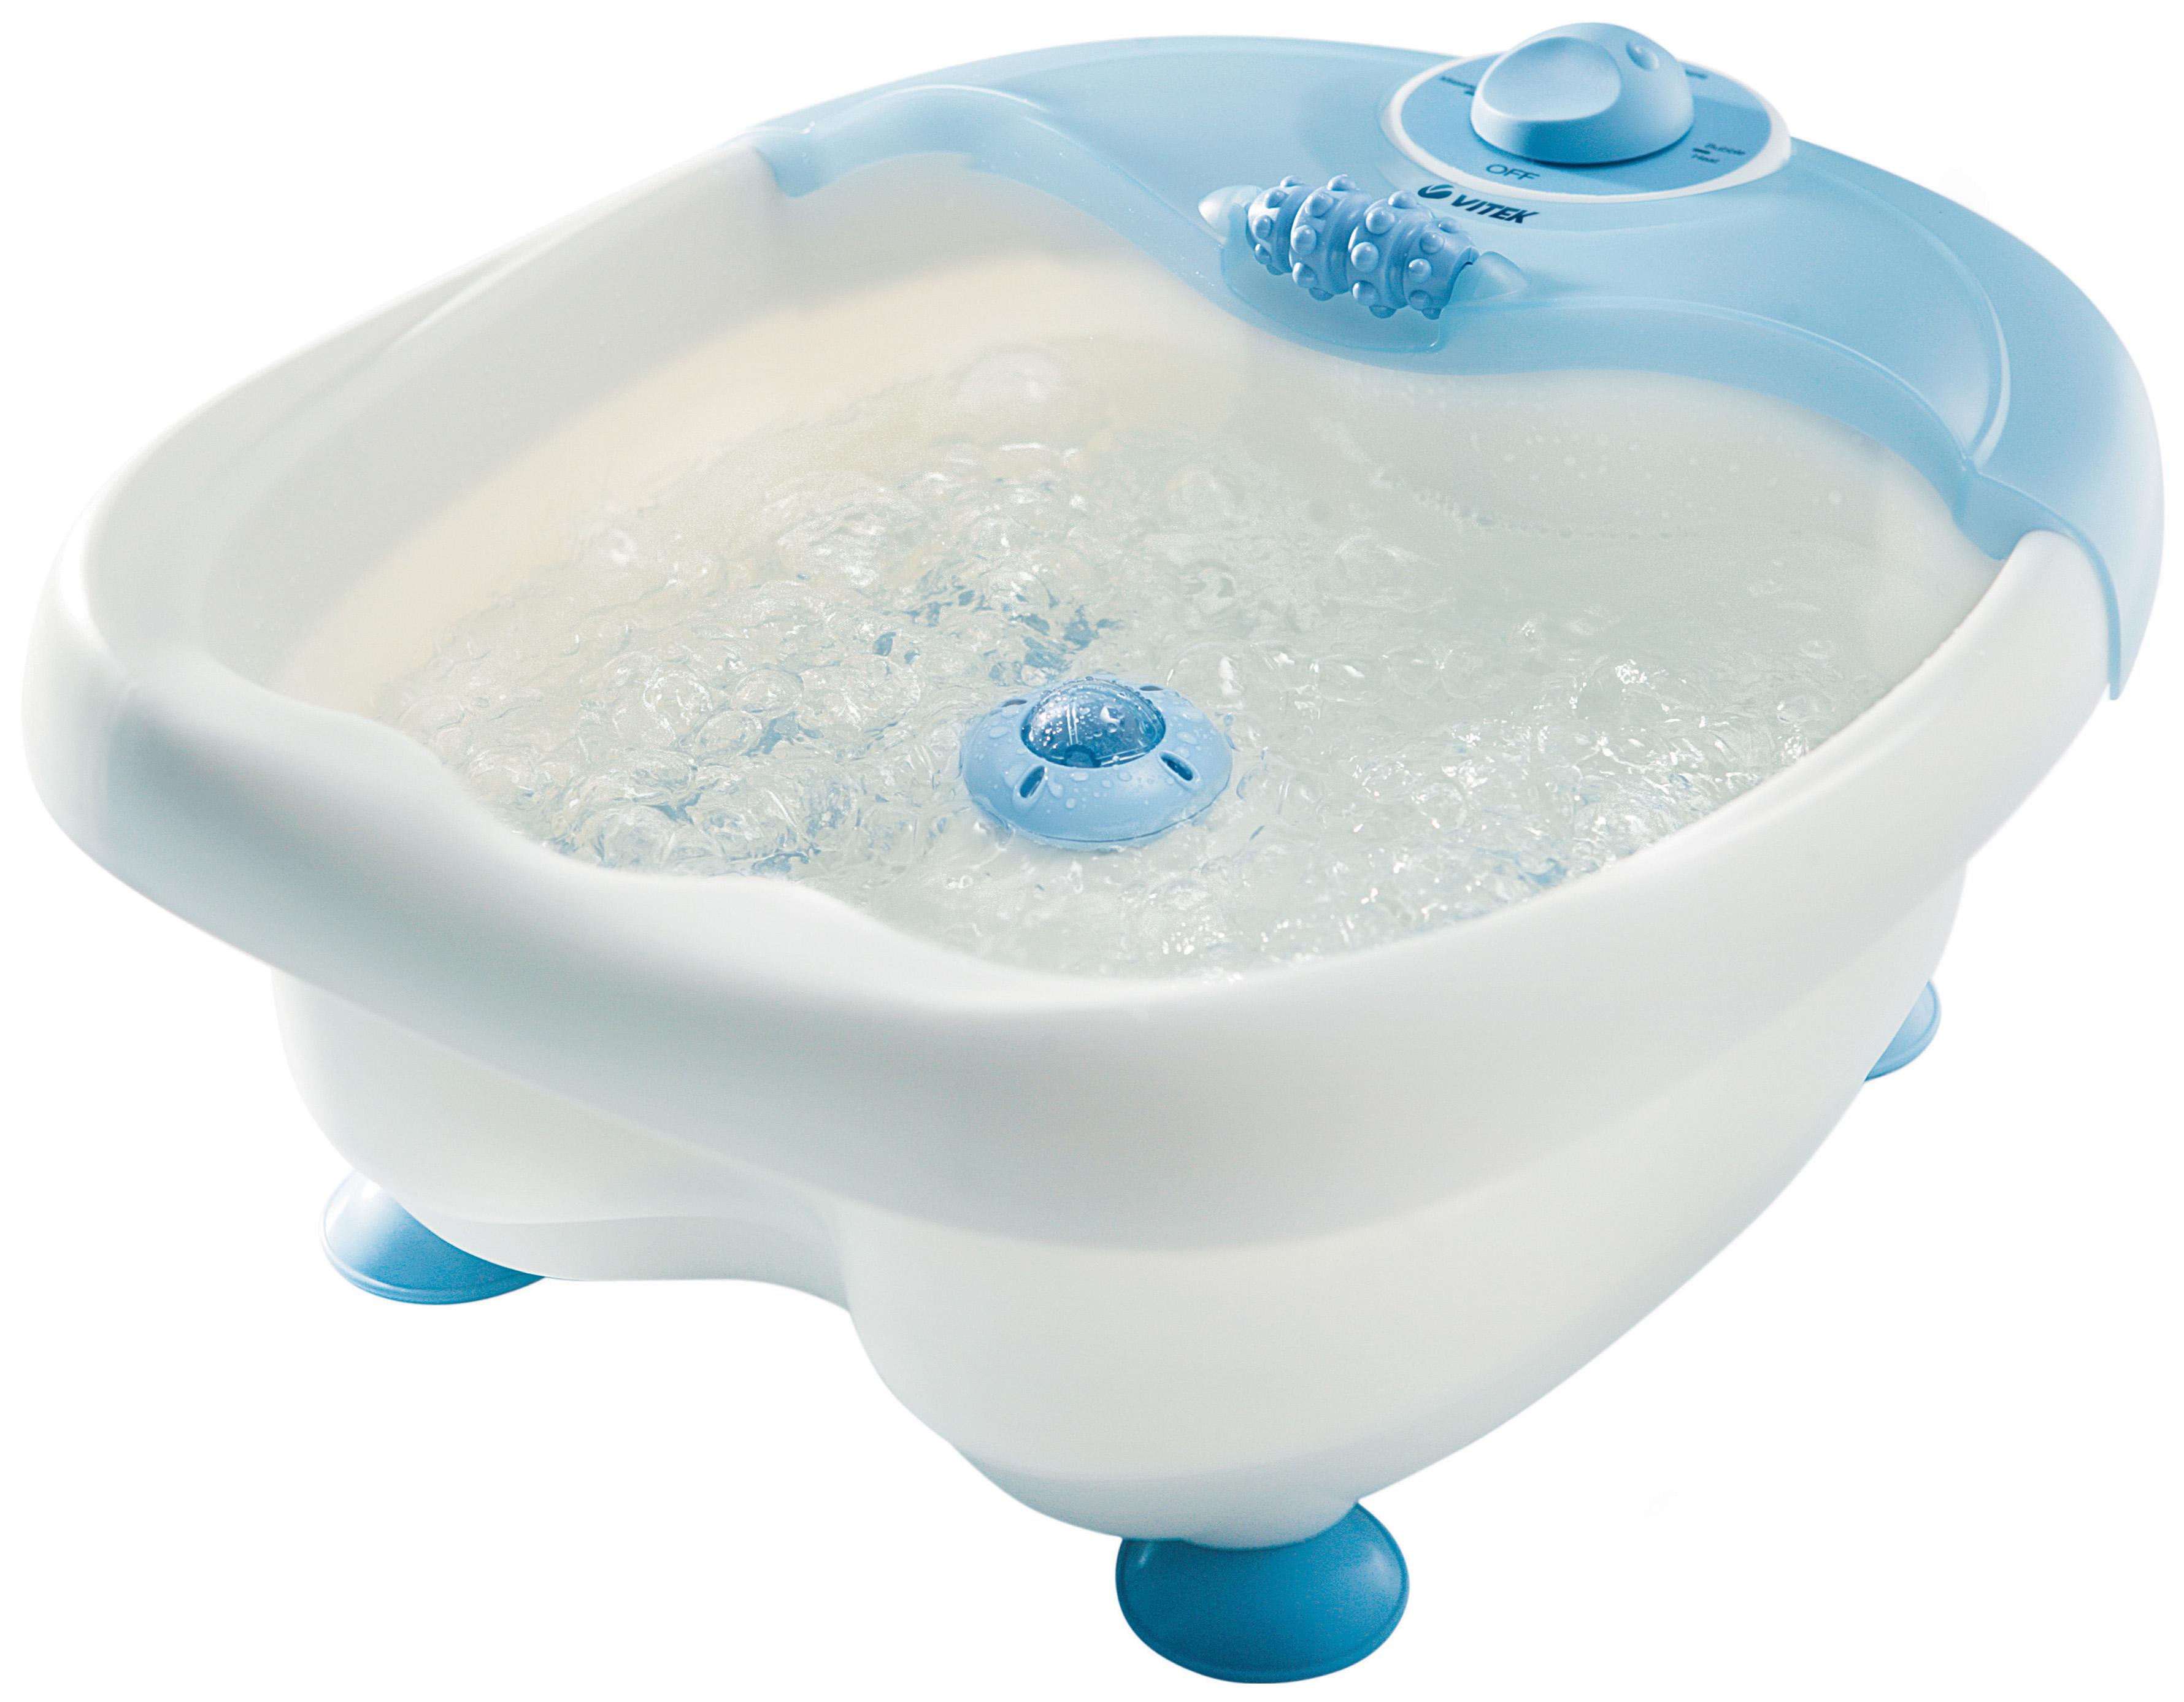 Массажная ванночка для ног VITEK VT 1381